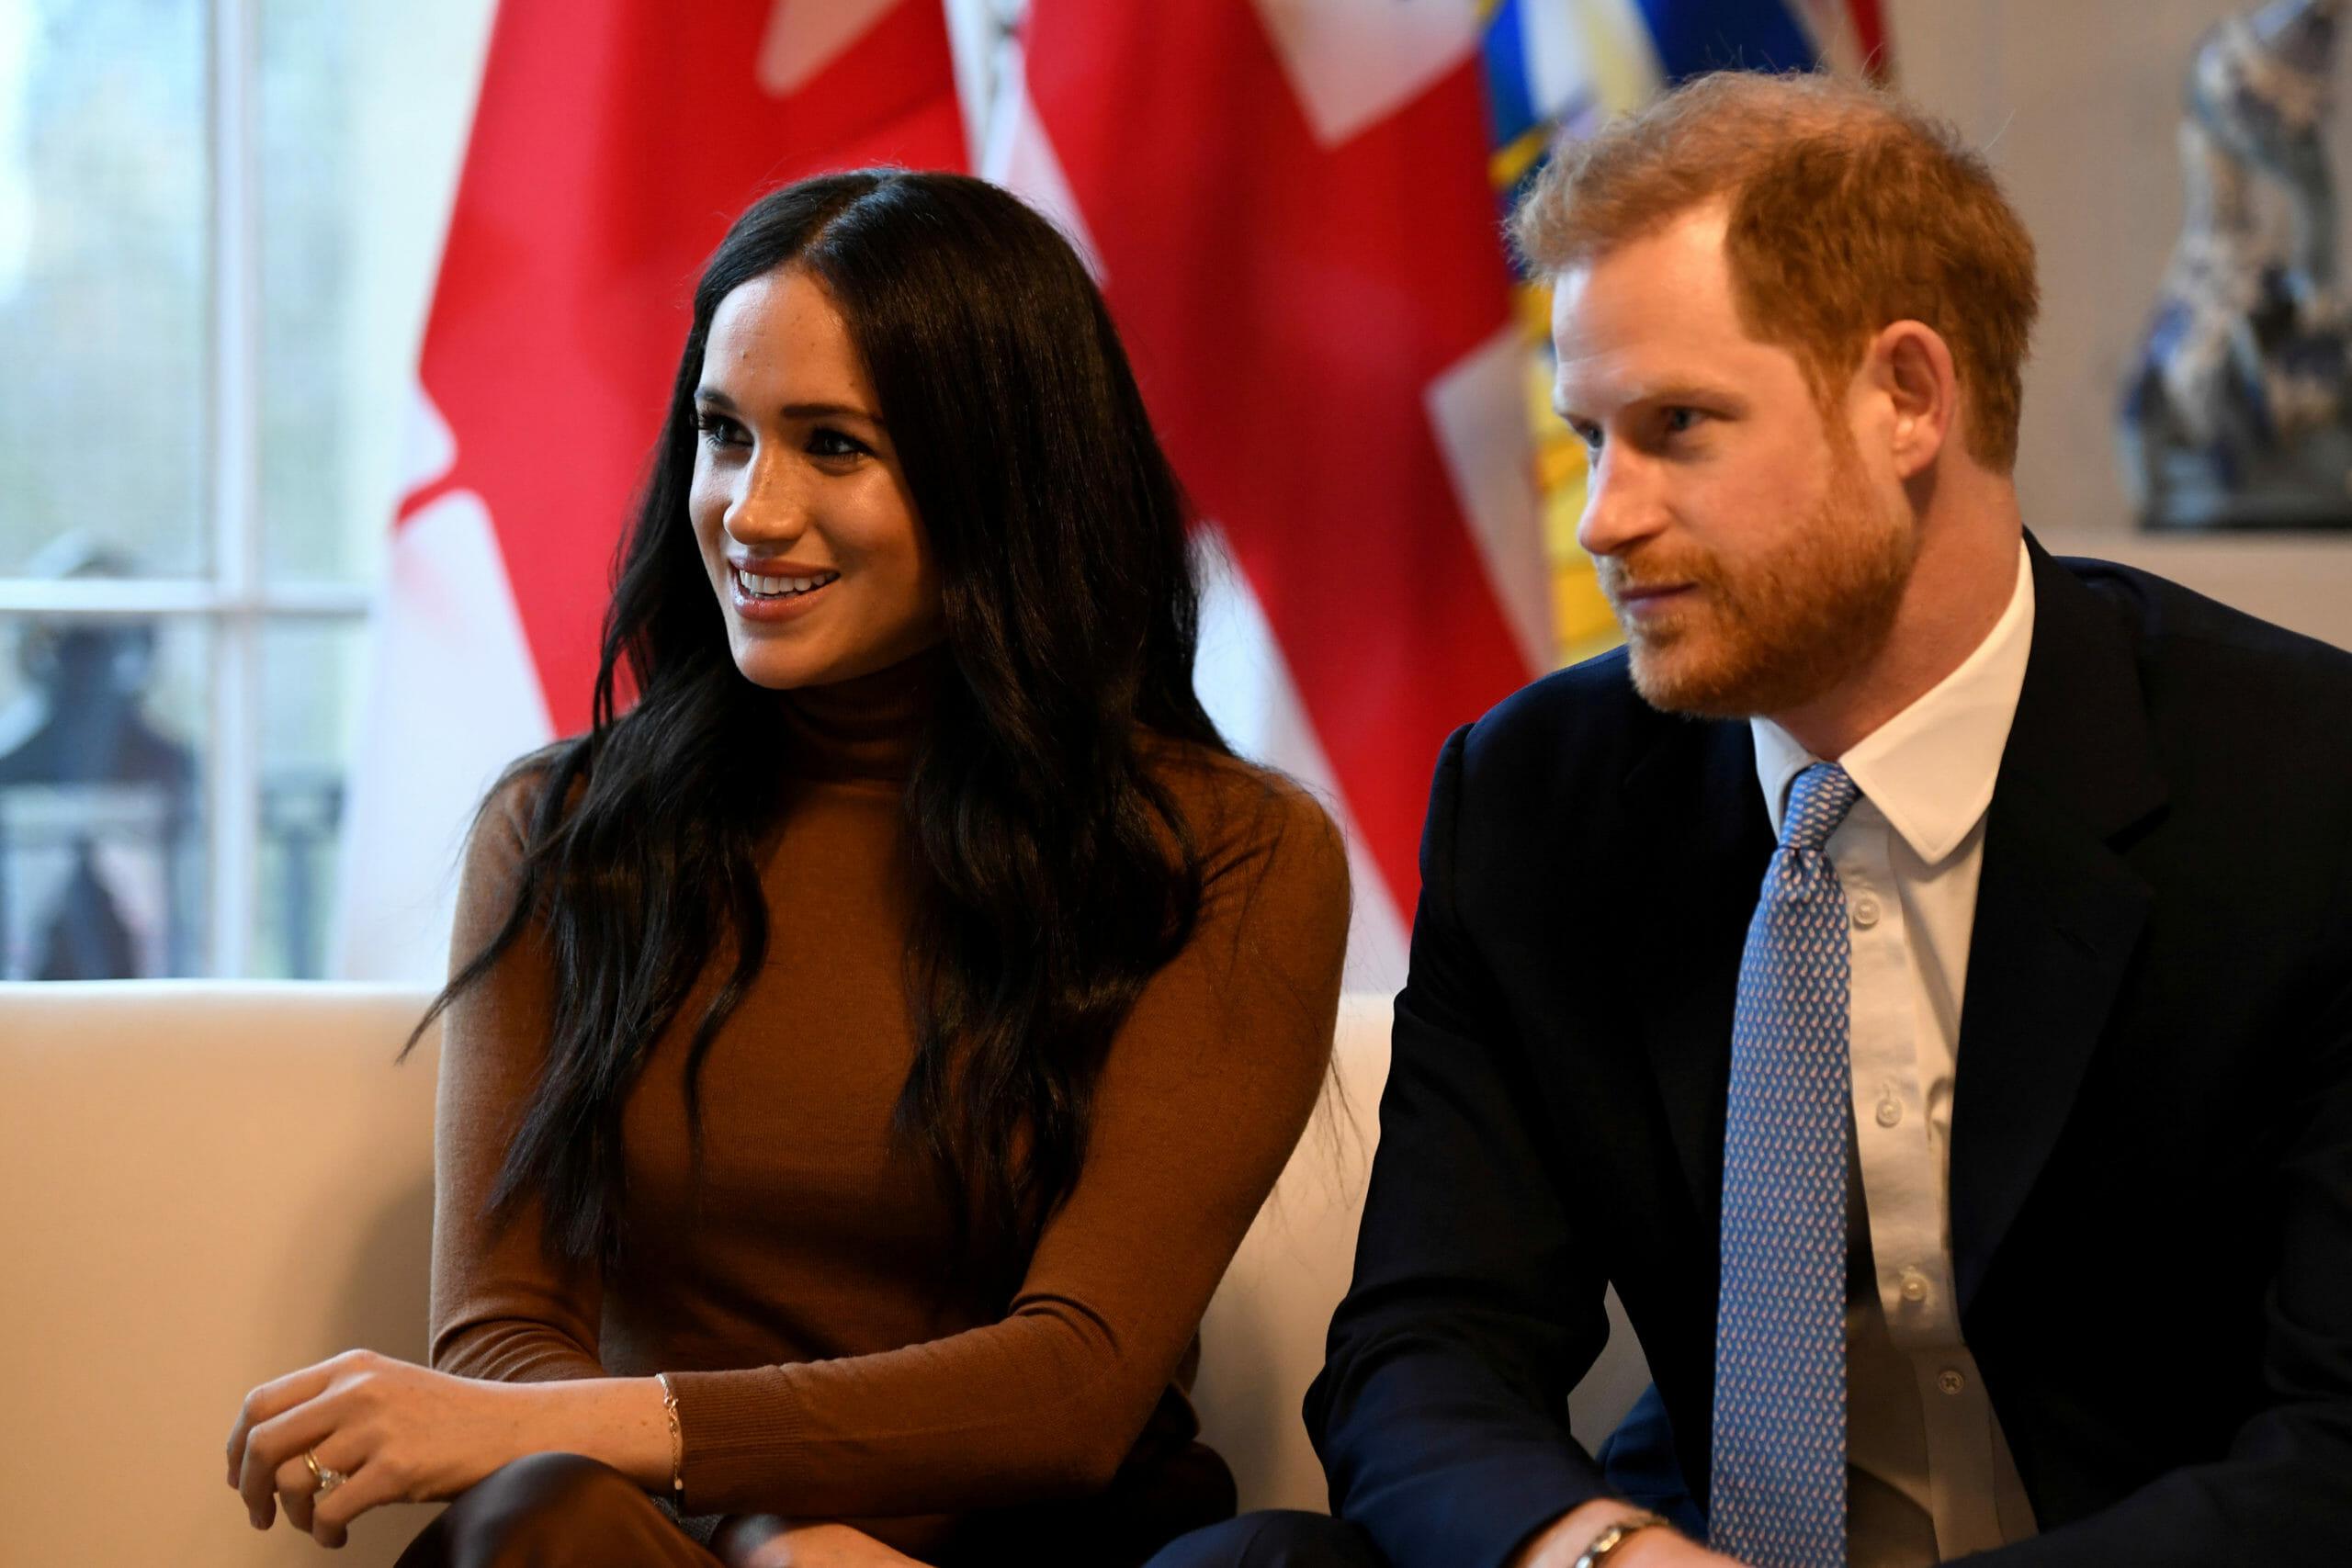 Επιστρέφουν στη Βρετανία Χάρι και Μέγκαν για την ημέρα της Κοινοπολιτείας